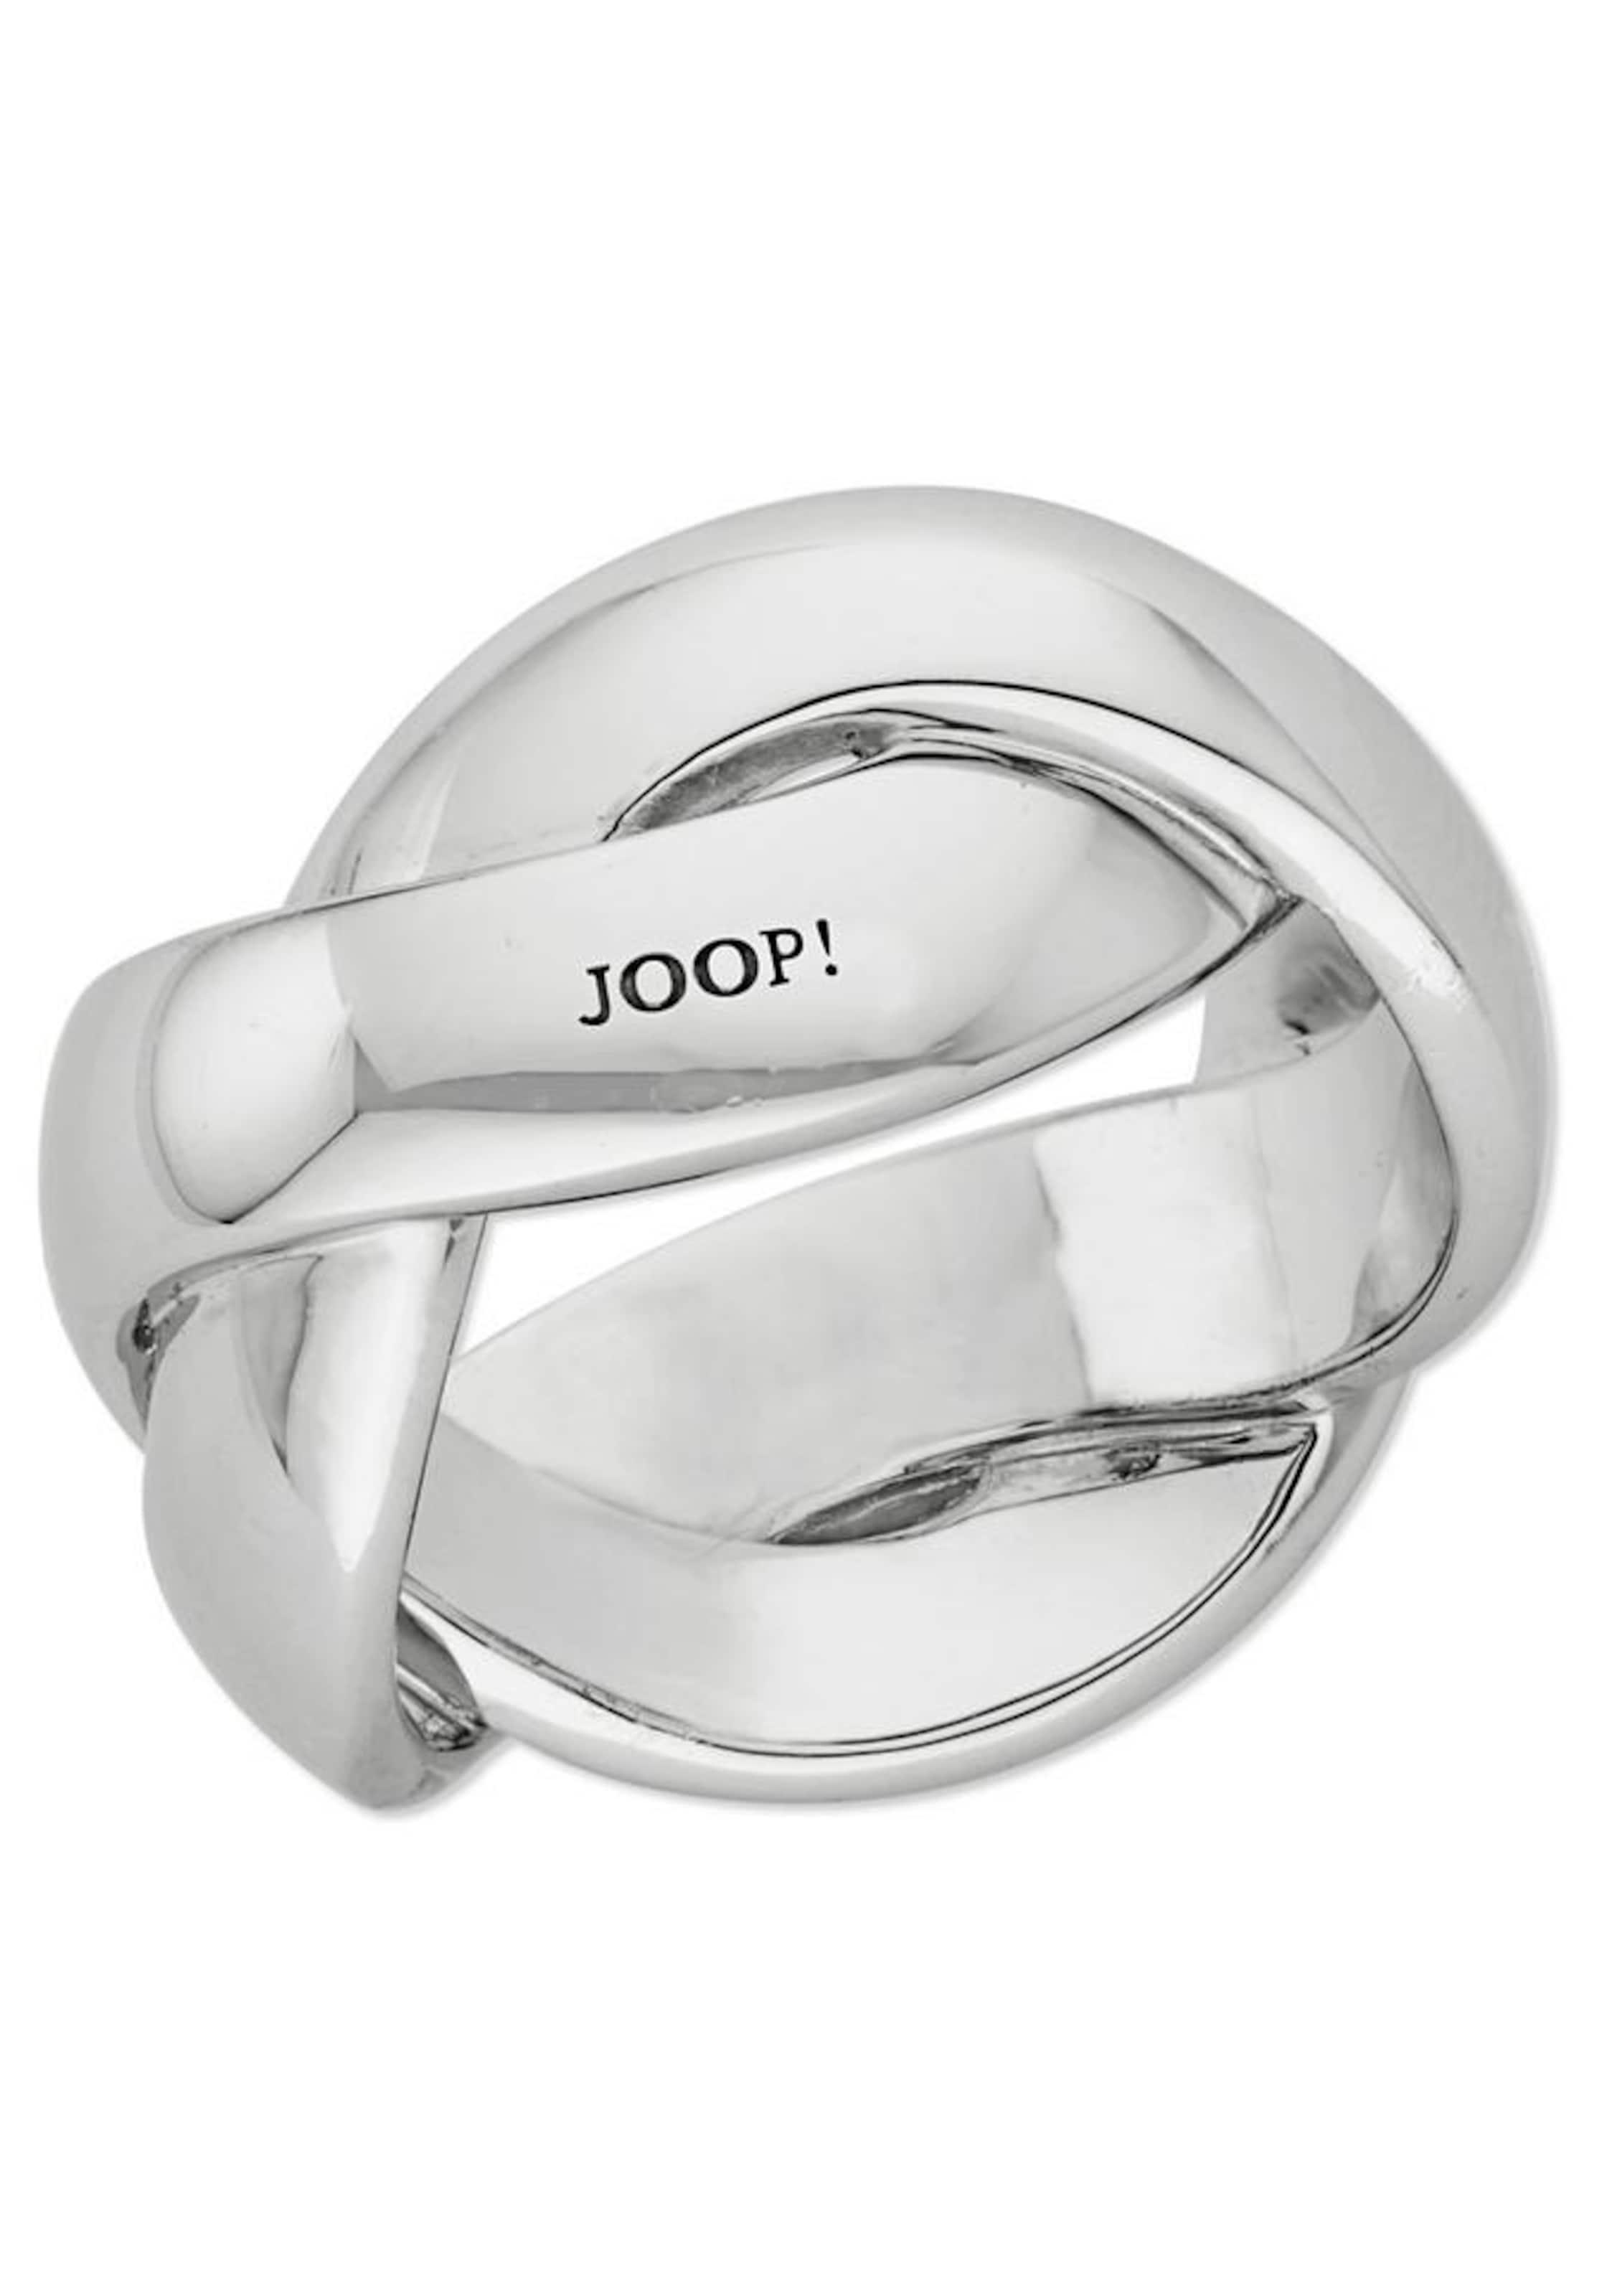 In Silber JoopRing '2023521202352220235232023524' '2023521202352220235232023524' JoopRing D2EHIW9